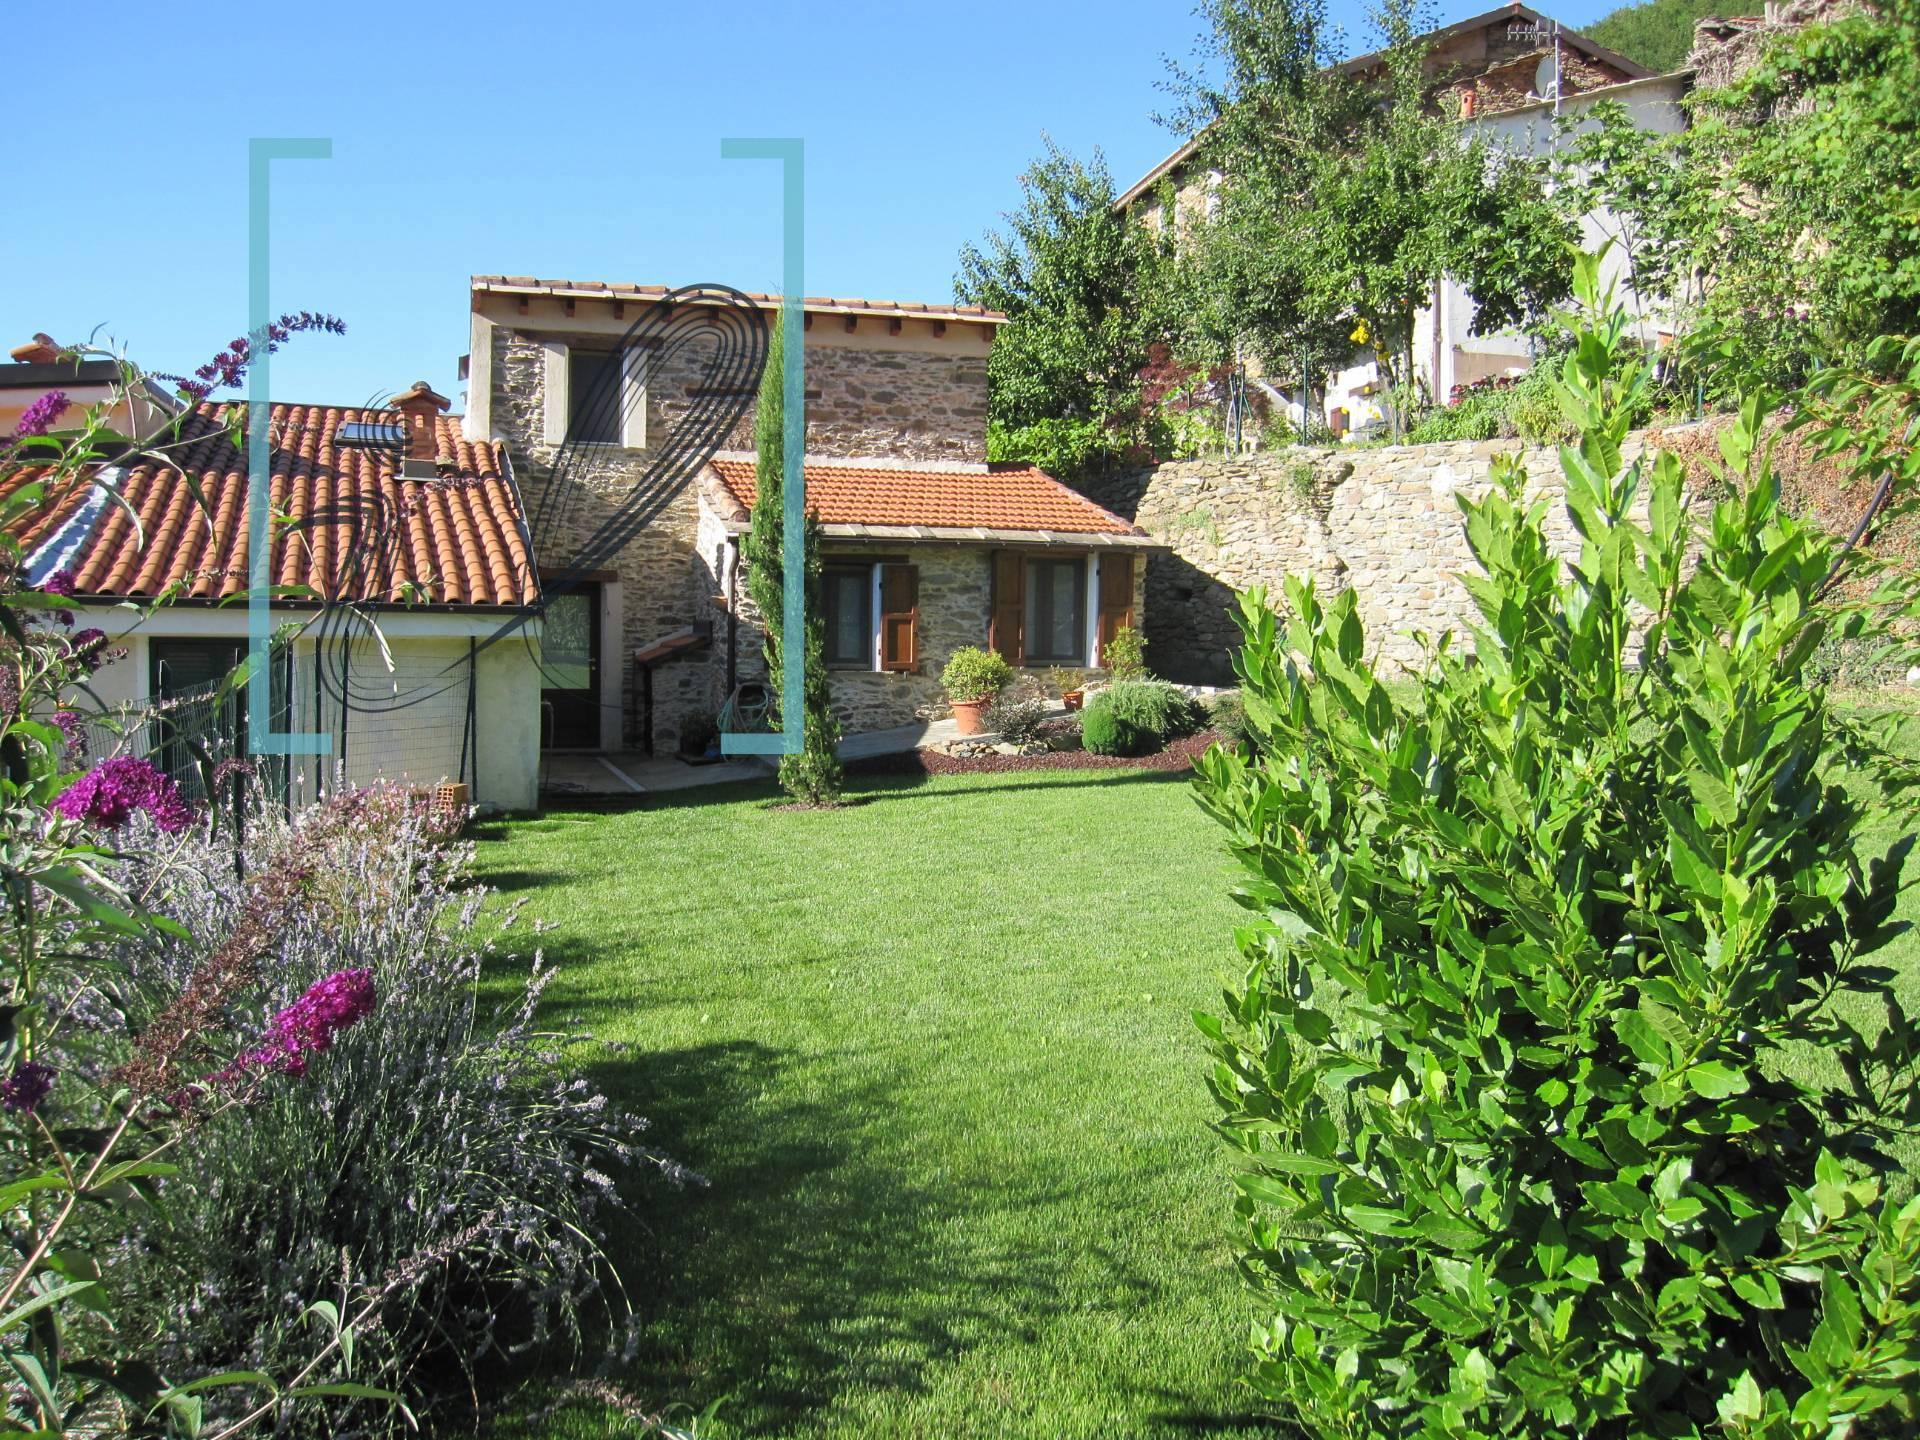 Rustico / Casale in vendita a Borghetto d'Arroscia, 6 locali, prezzo € 120.000 | CambioCasa.it